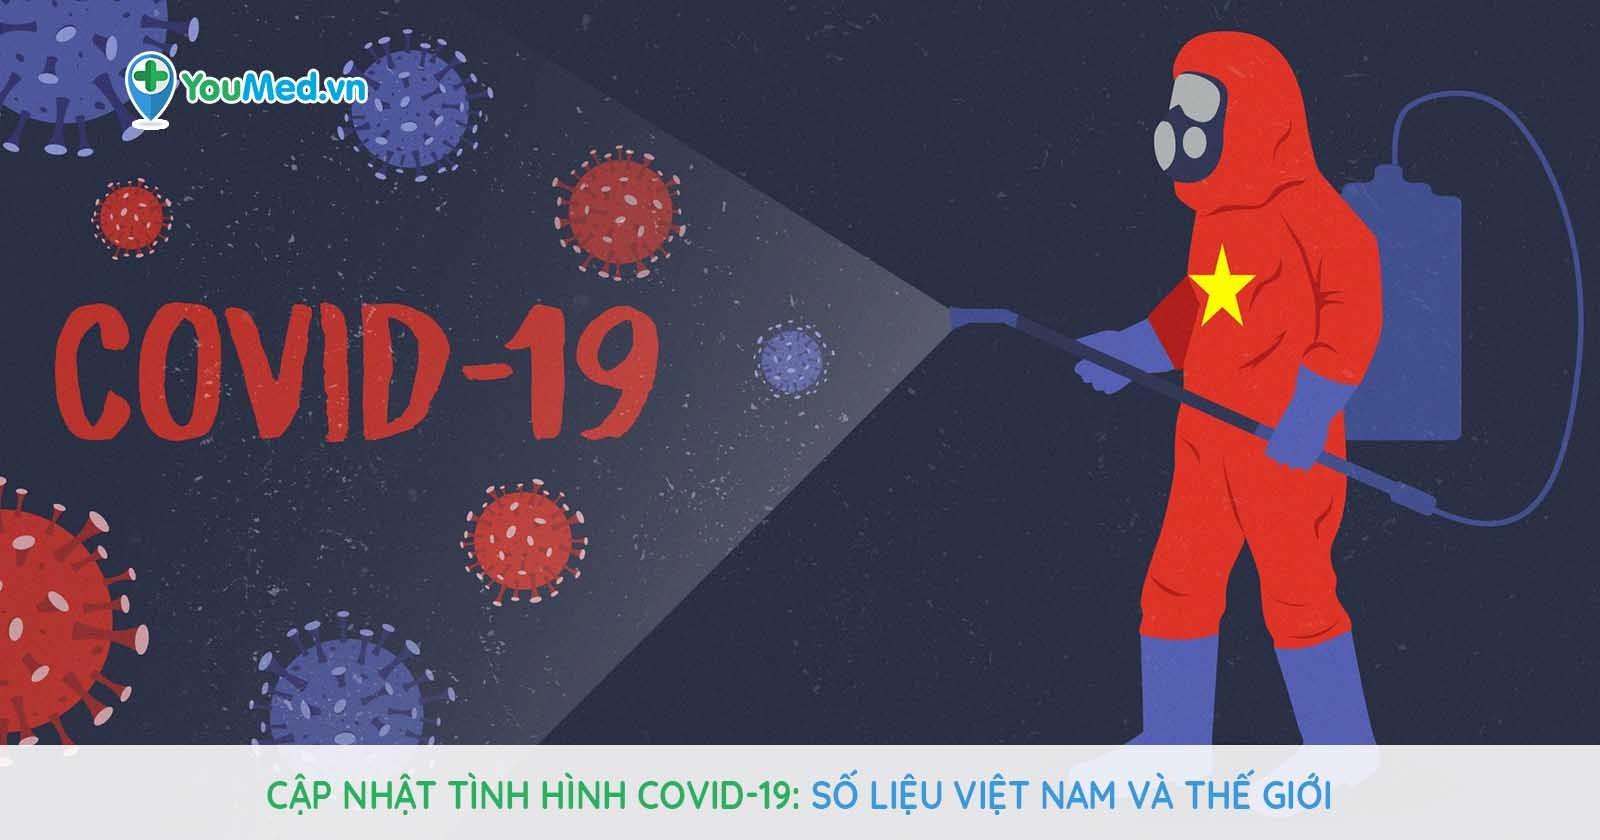 Cập nhật tình hình Covid-19: Số liệu Việt Nam và thế giới